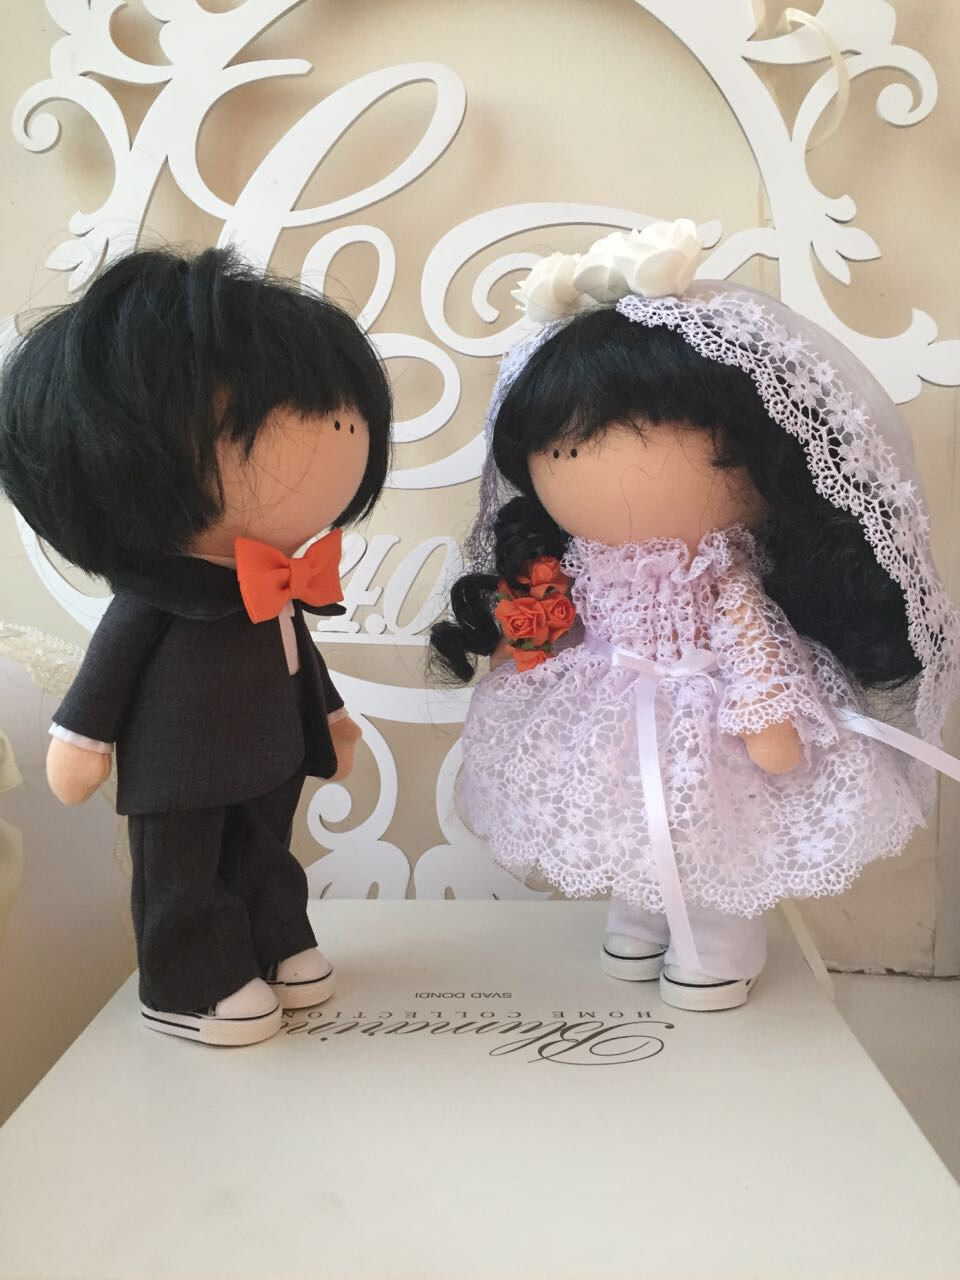 жених работа ручная невеста интерьерные и куклы свадьба